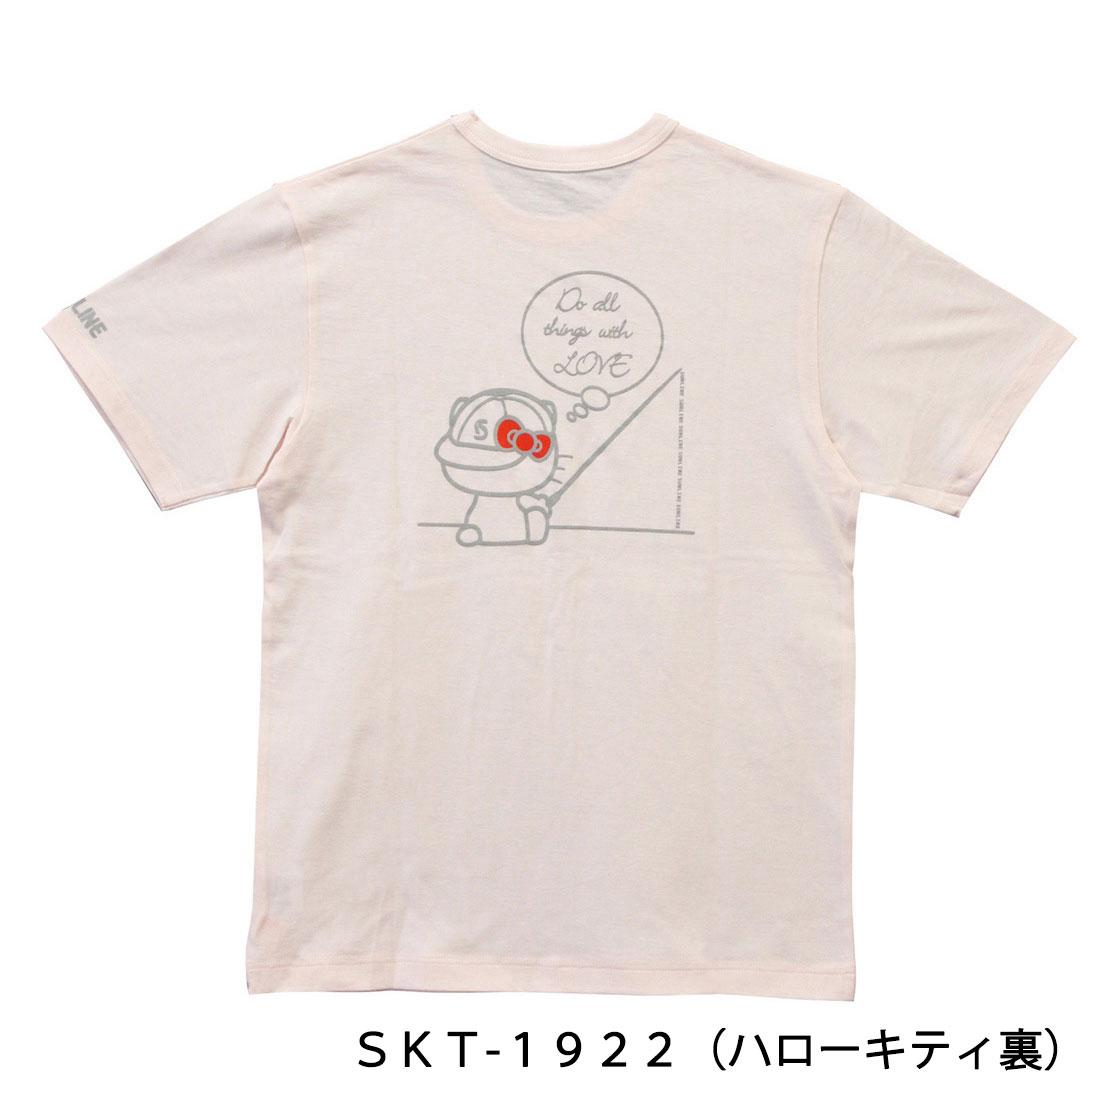 日本製 Tシャツ(ウォーターピンク)